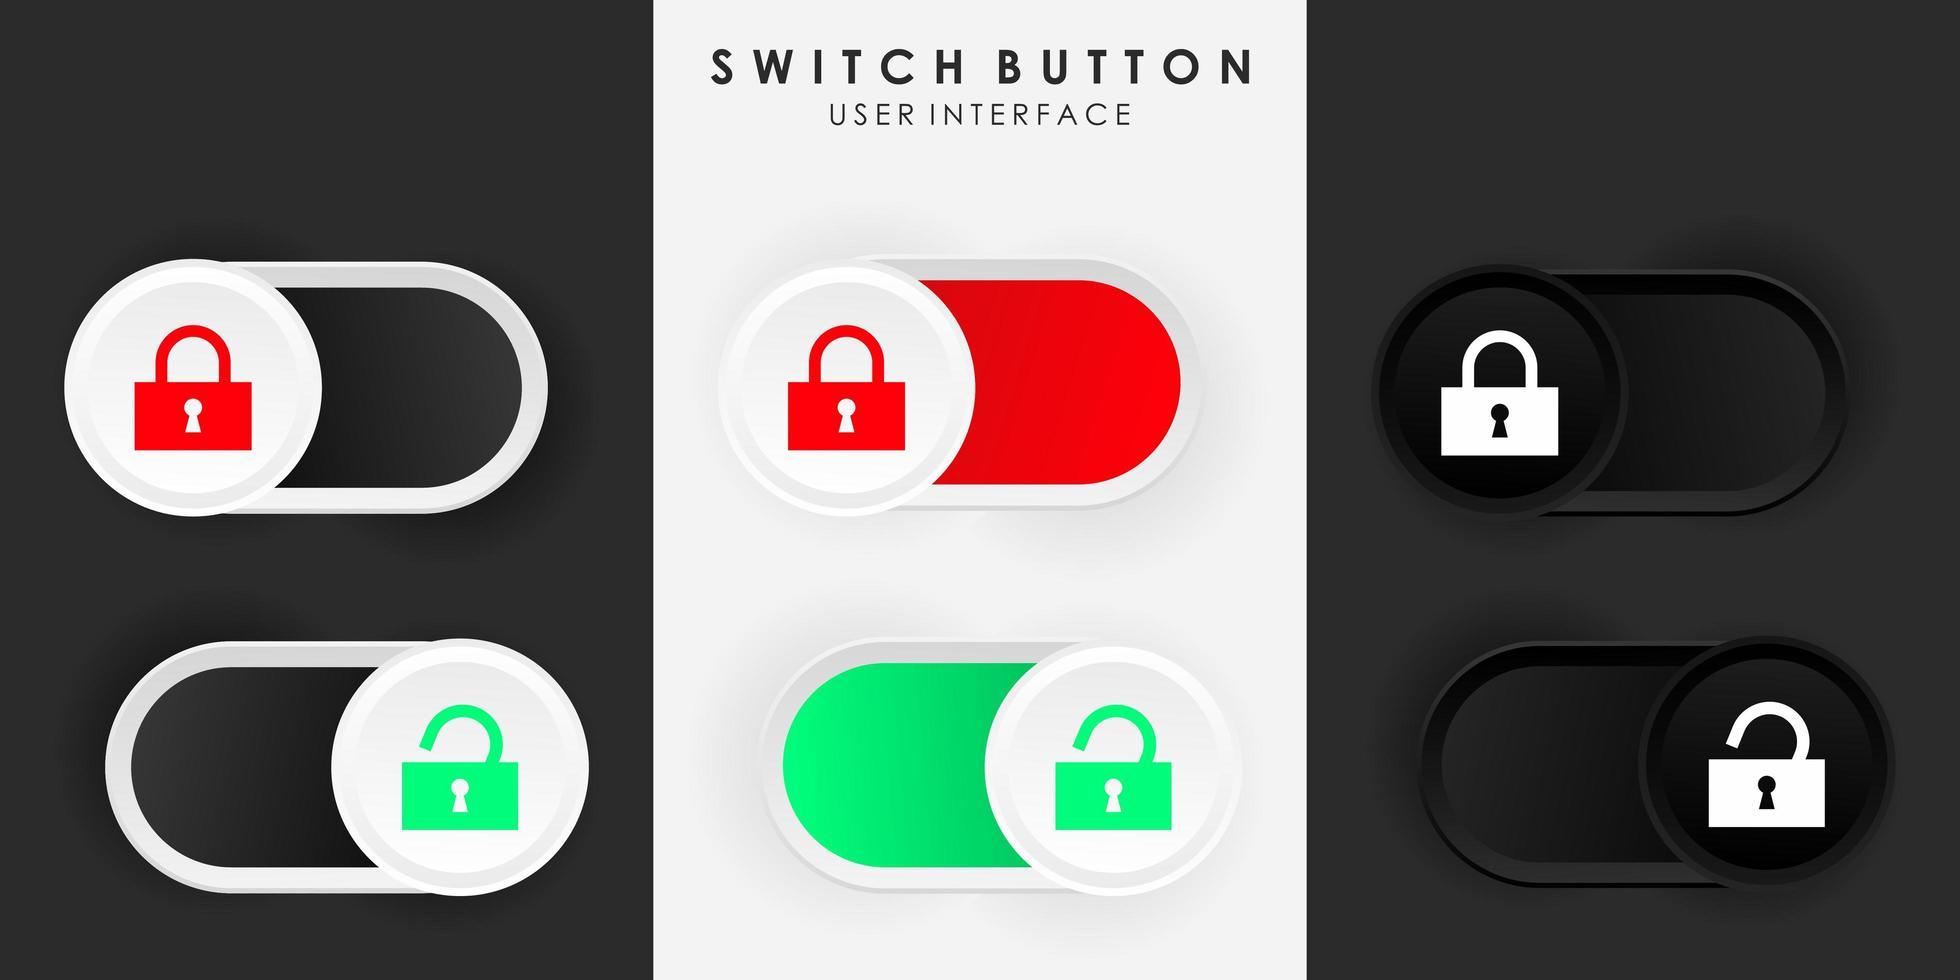 minimalistische Schalterknopfverriegelung im Neumorphismus-Design entsperren. einfach, modern und elegant. glatte und weiche 3D-Benutzeroberfläche. Lichtmodus und Dunkelmodus. für das Design von Websites oder Apps. Vektorillustration. vektor